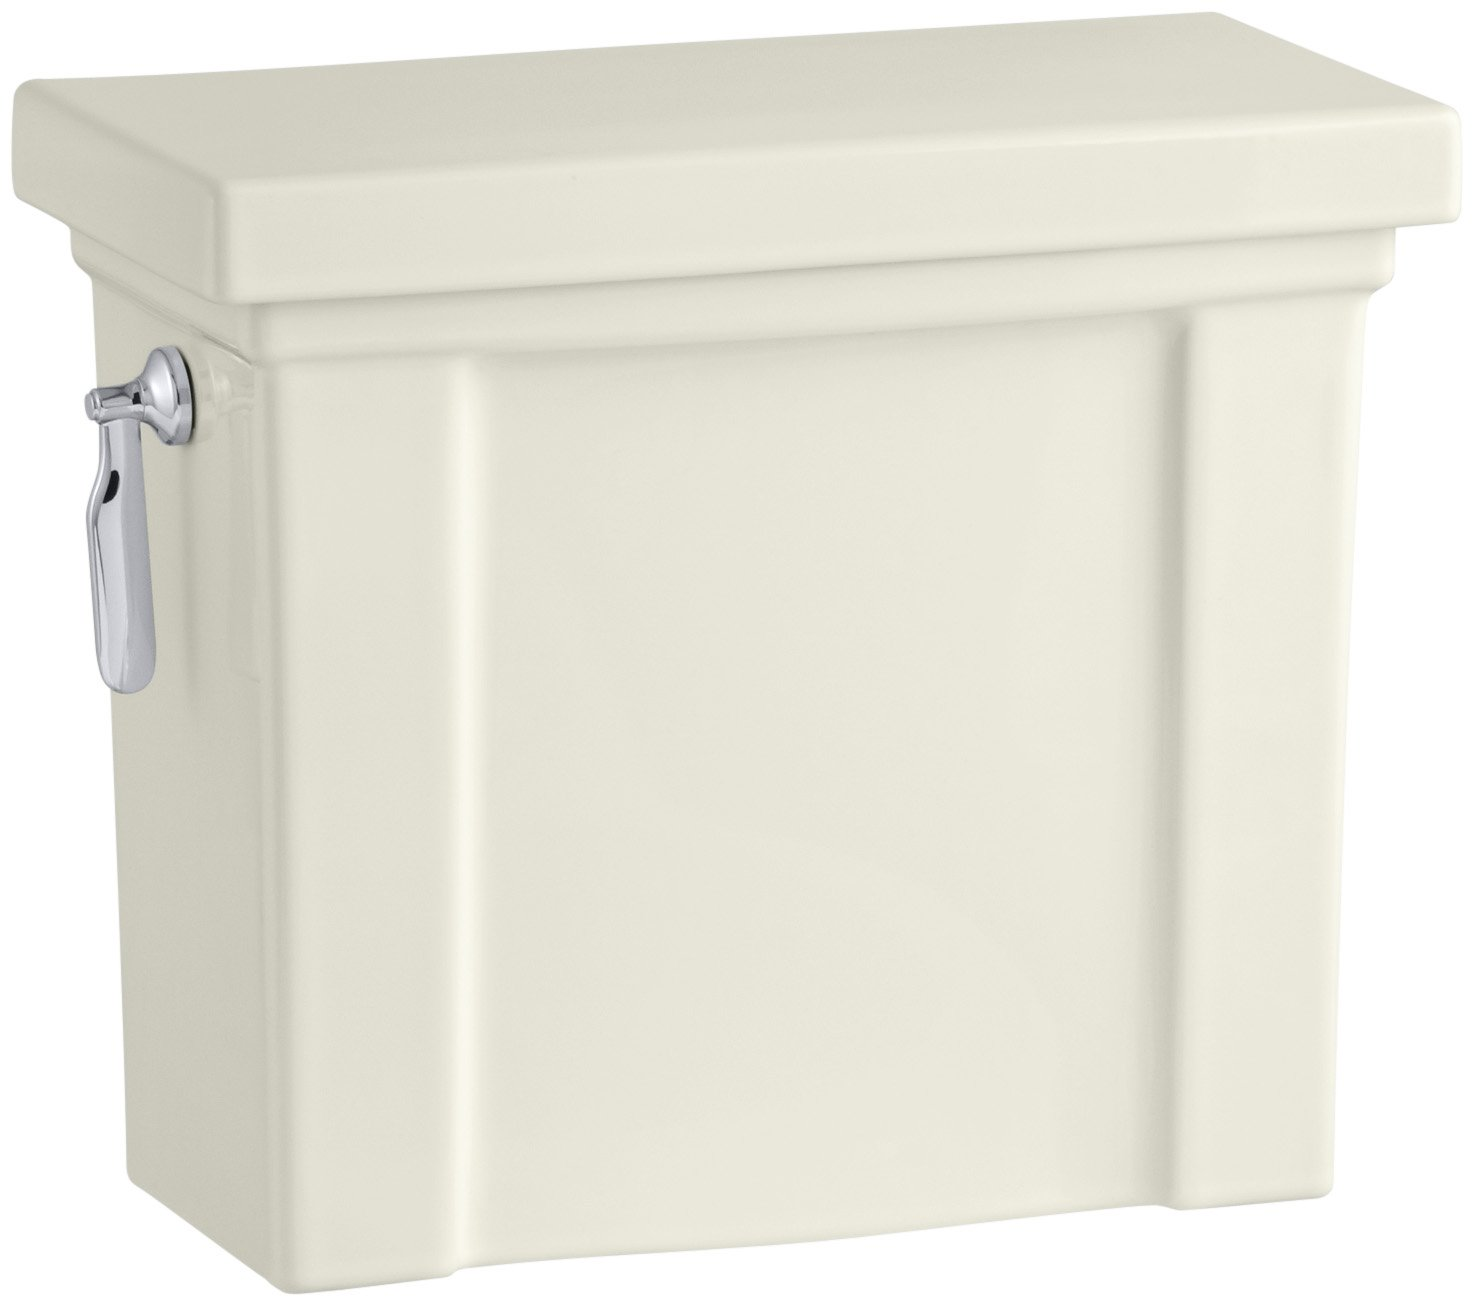 Kohler K-4899-0 Tresham 1.28 Gpf Toilet Tank, White